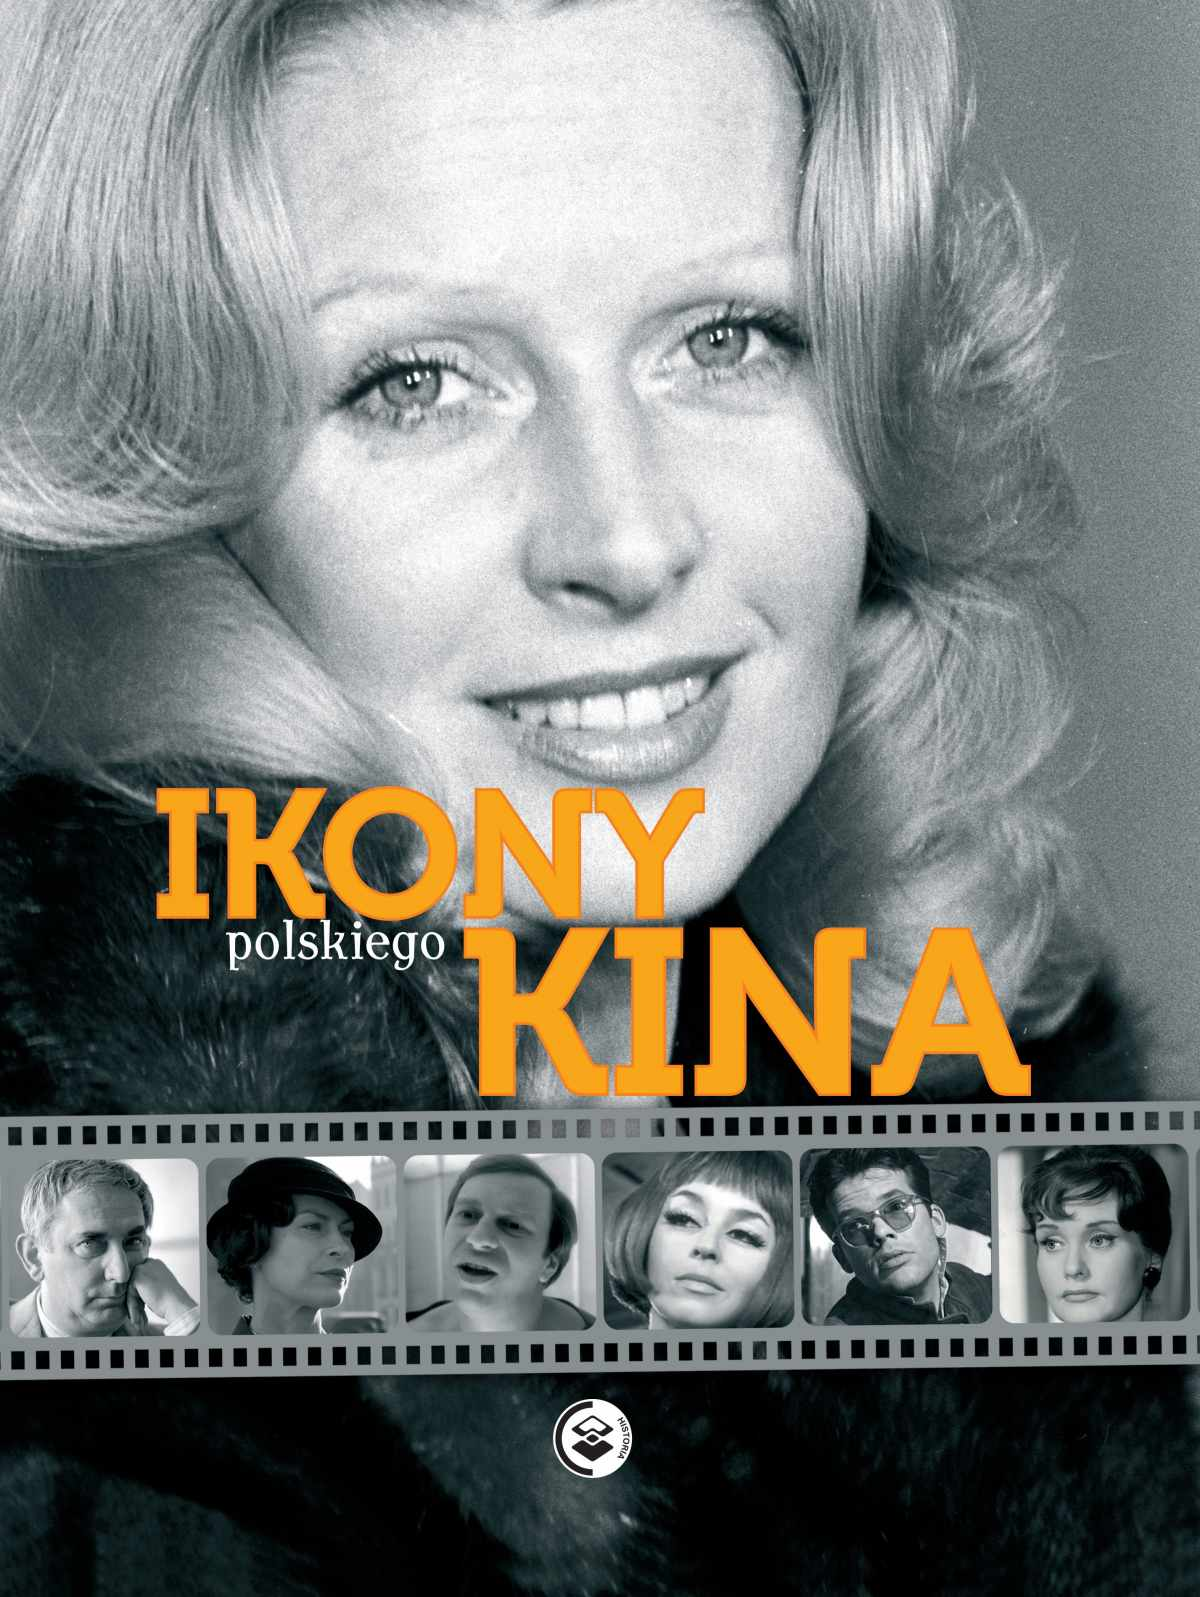 Ikony polskiego kina - Ebook (Książka PDF) do pobrania w formacie PDF